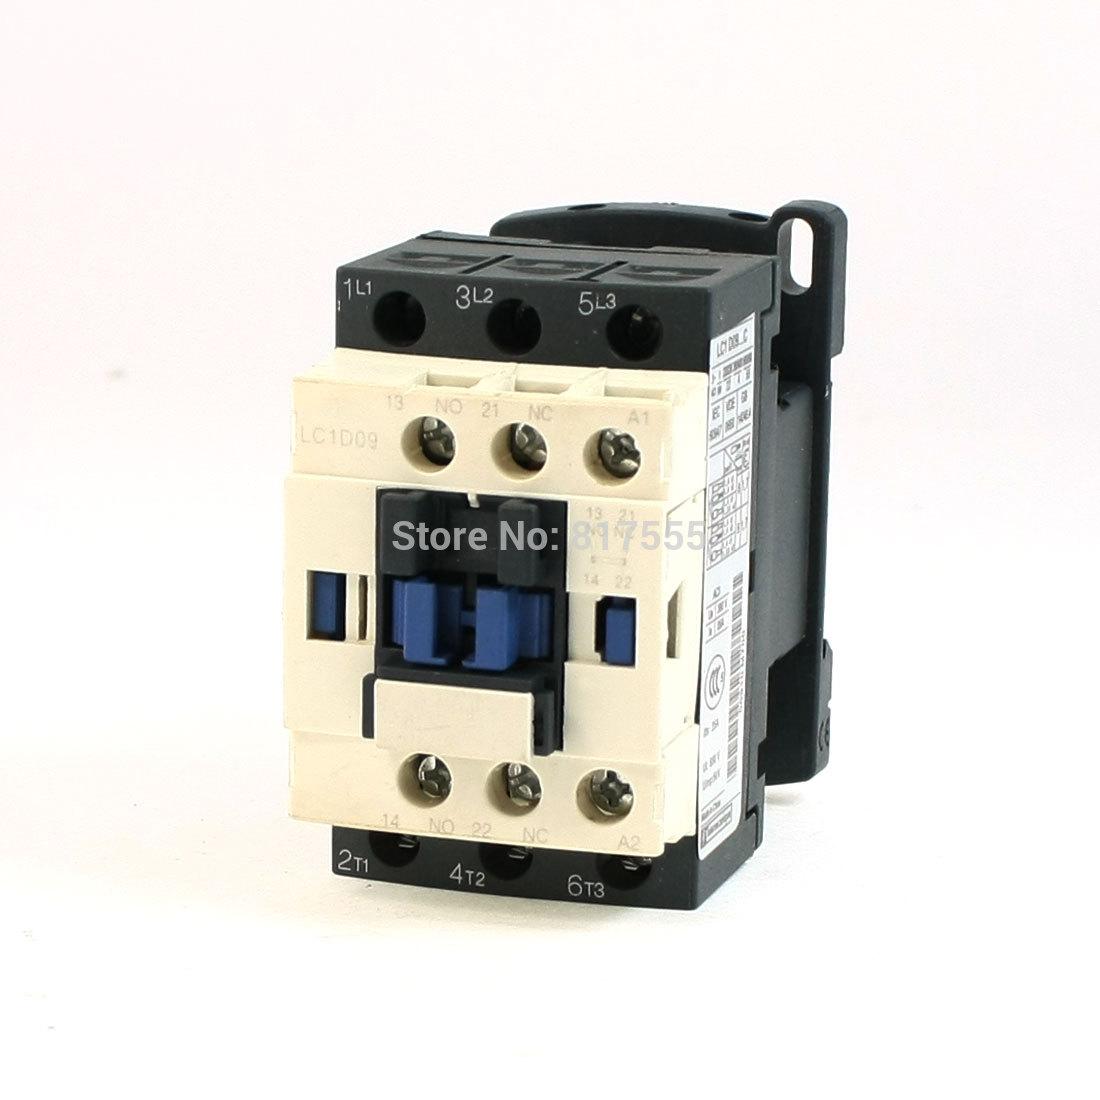 Замыкатель UX Motor LC1D09 AC 110 50/60 3/nc  замыкатель ux motor lc1d09 ac 110 50 60 3 nc